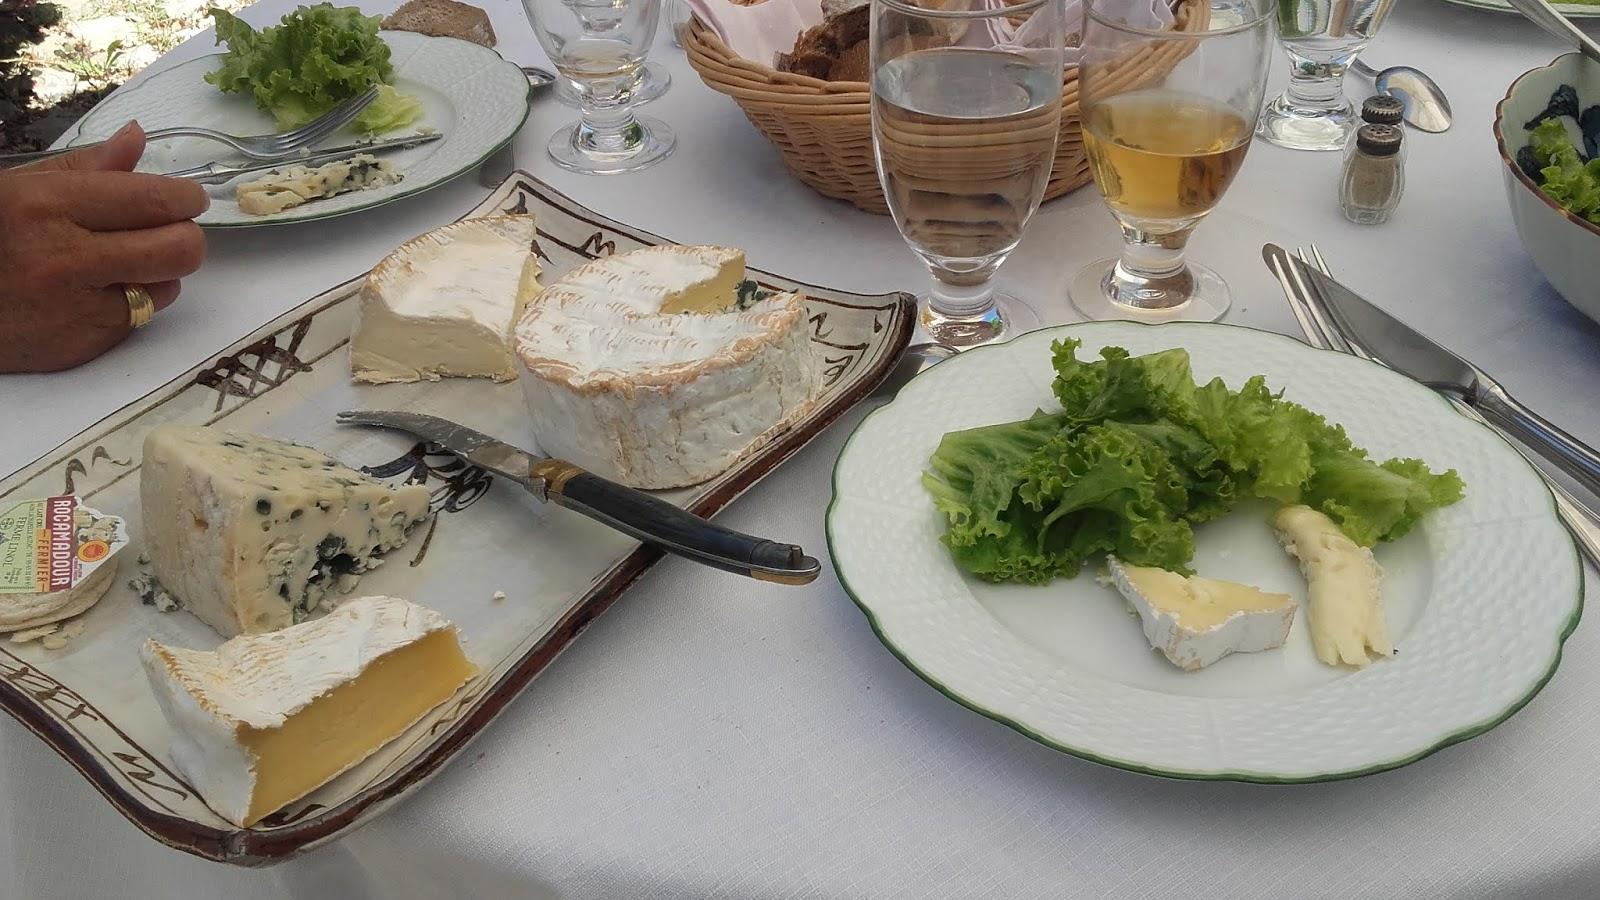 S En Suivent Un Plateau De Fromages Et Salade Avec Camembert Au Lait Cru La Norman